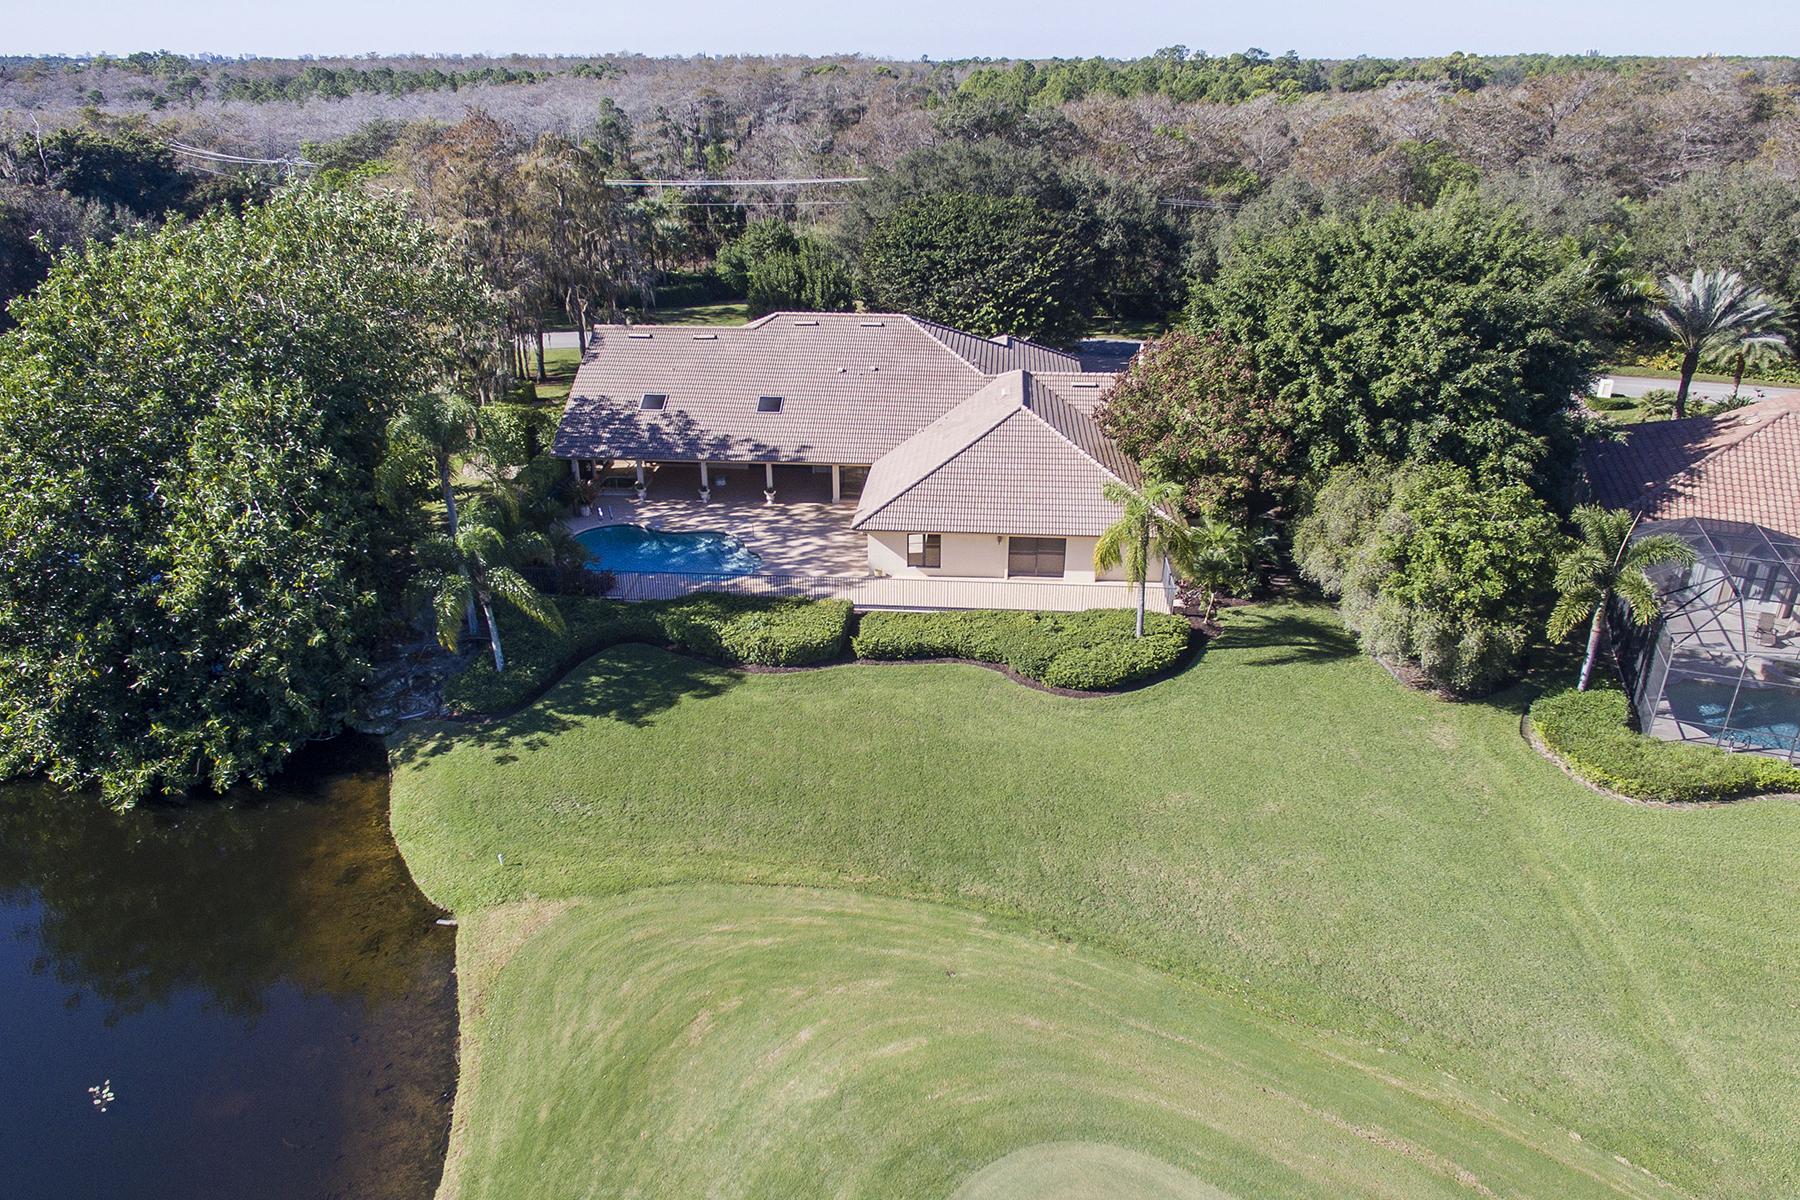 Maison unifamiliale pour l Vente à QUAIL CREEK 12802 Pond Apple Dr W Quail Creek, Naples, Florida, 34119 États-Unis